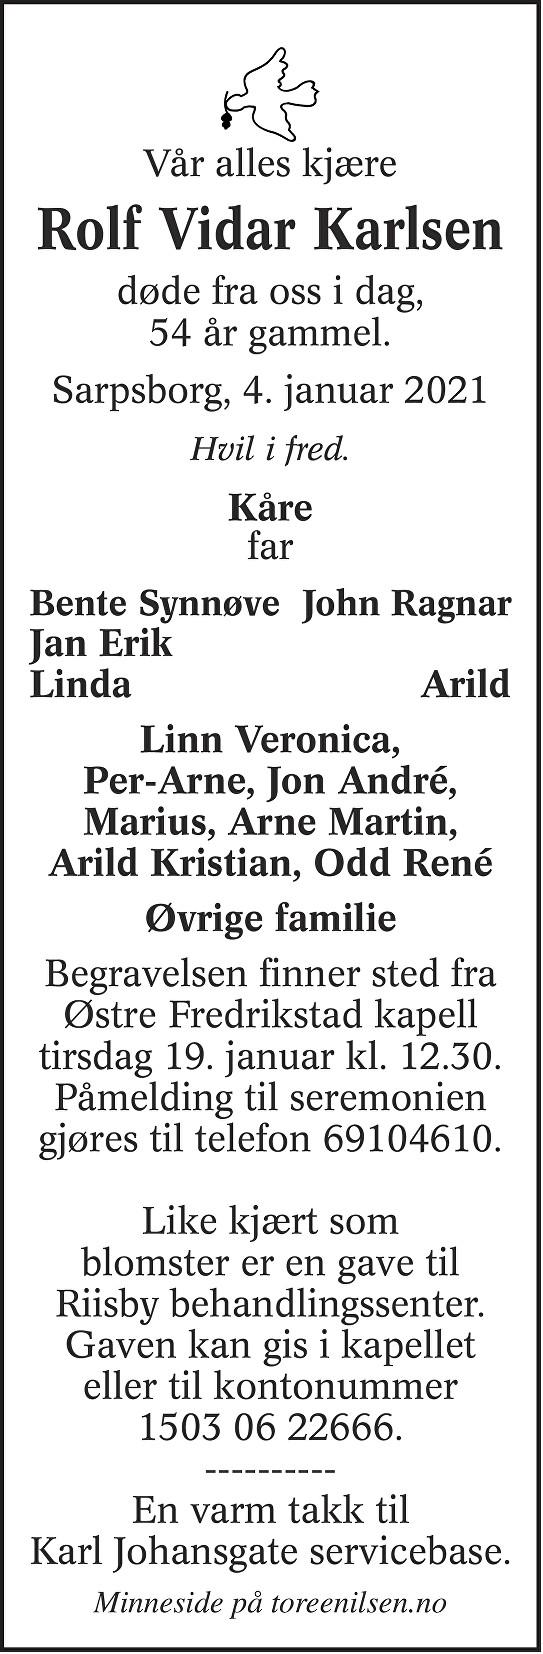 Rolf Vidar Karlsen Dødsannonse